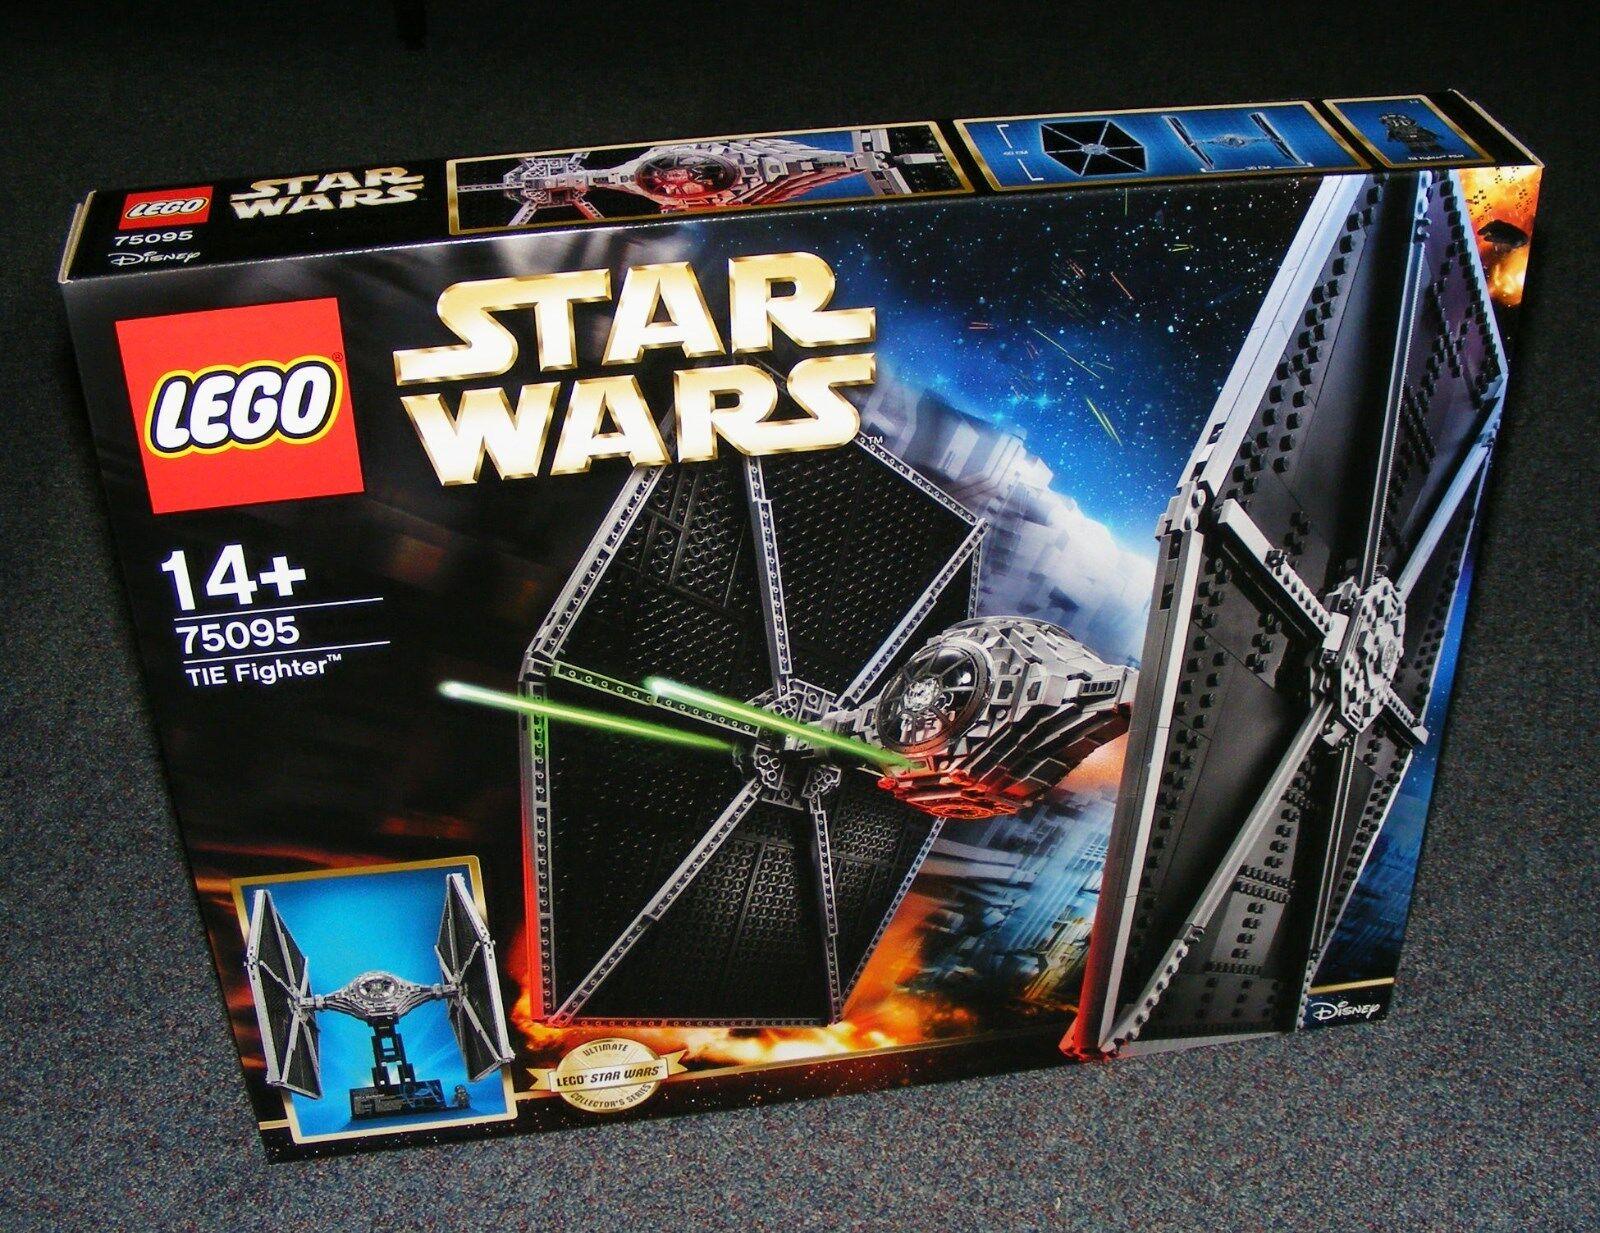 Estrella guerras LEGO 75095 Tie combatiente UCS ULTIMATE  DA COLLEZIONE SERIE NUOVO SIGILLATO  moda classica